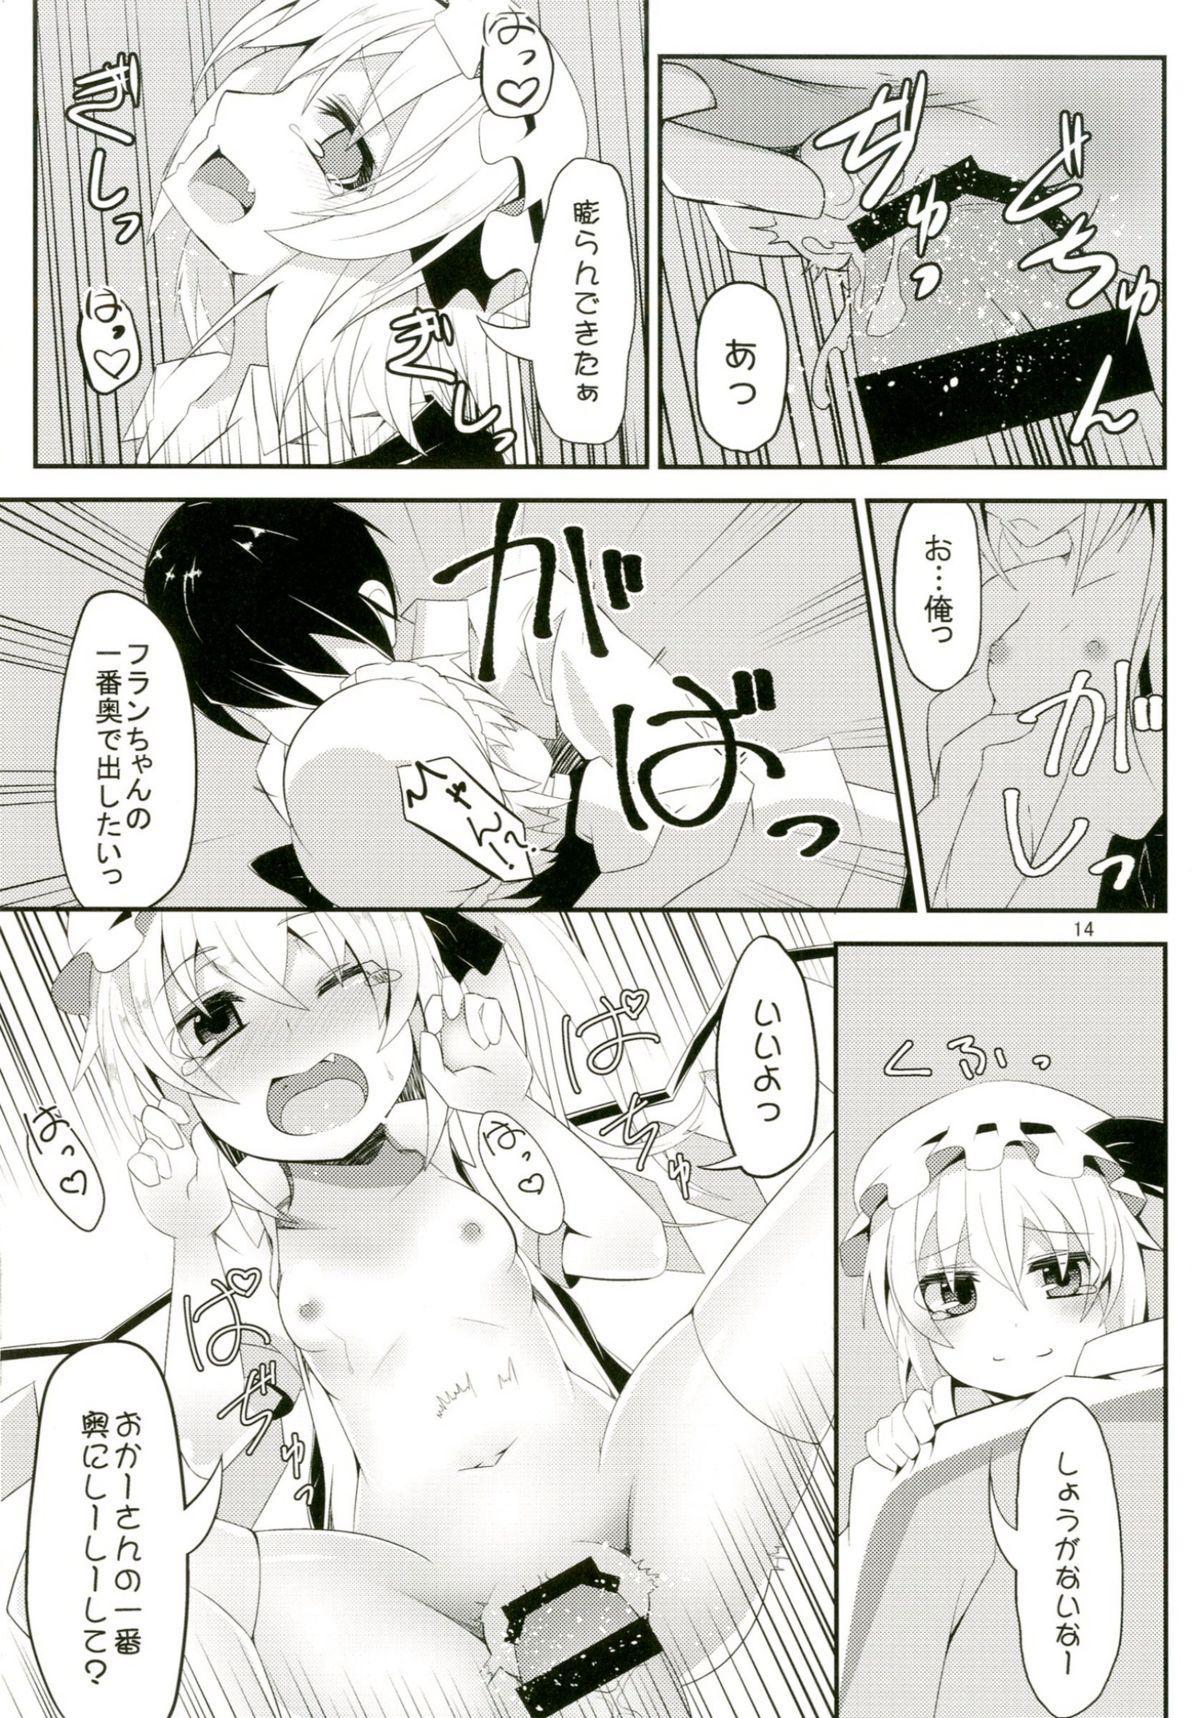 Flan-chan to H na Omamagoto 13